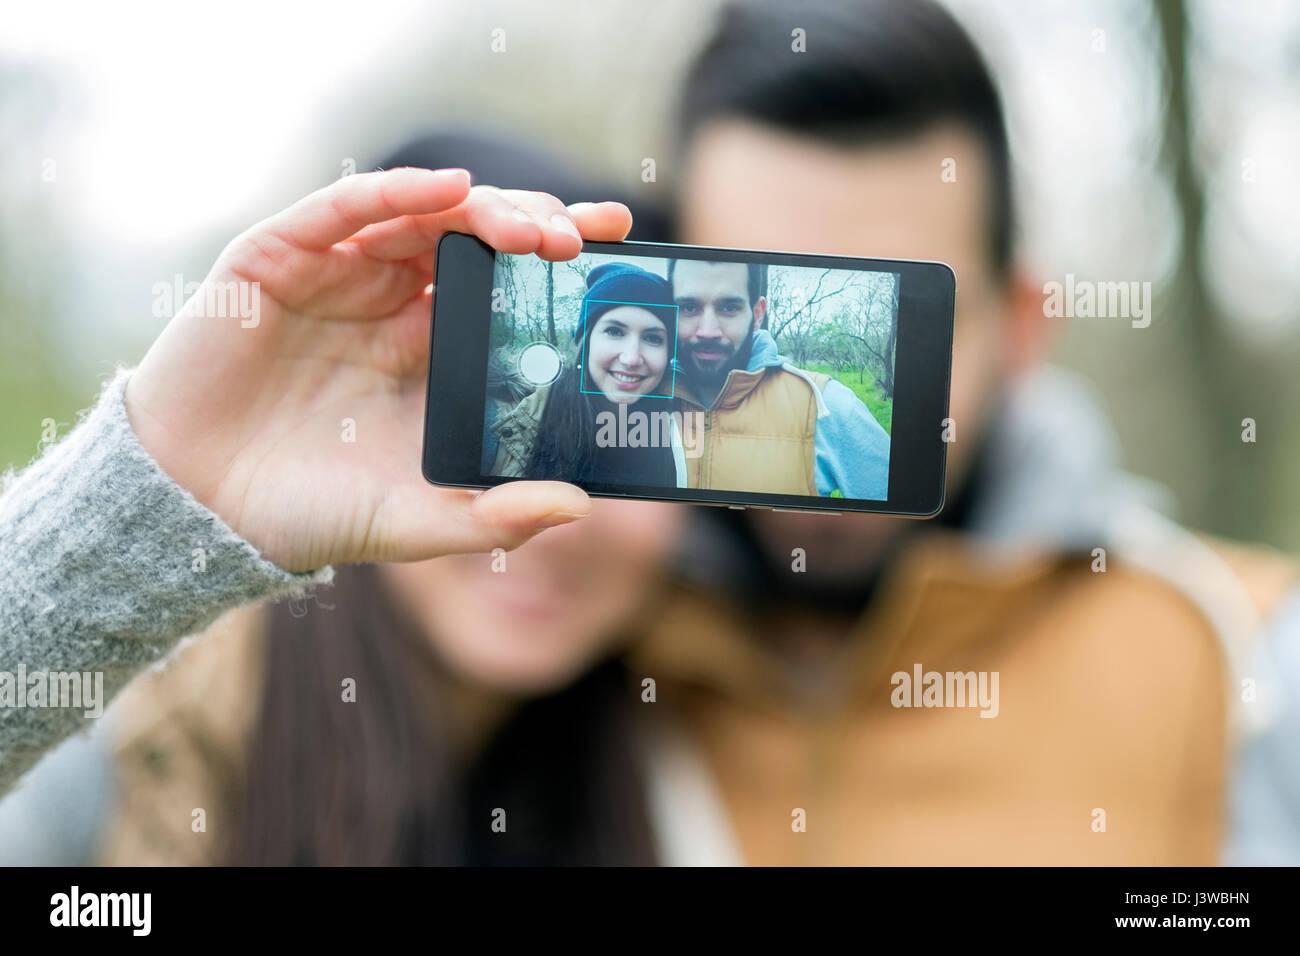 Paar nimmt ein Selbstporträt Stockbild